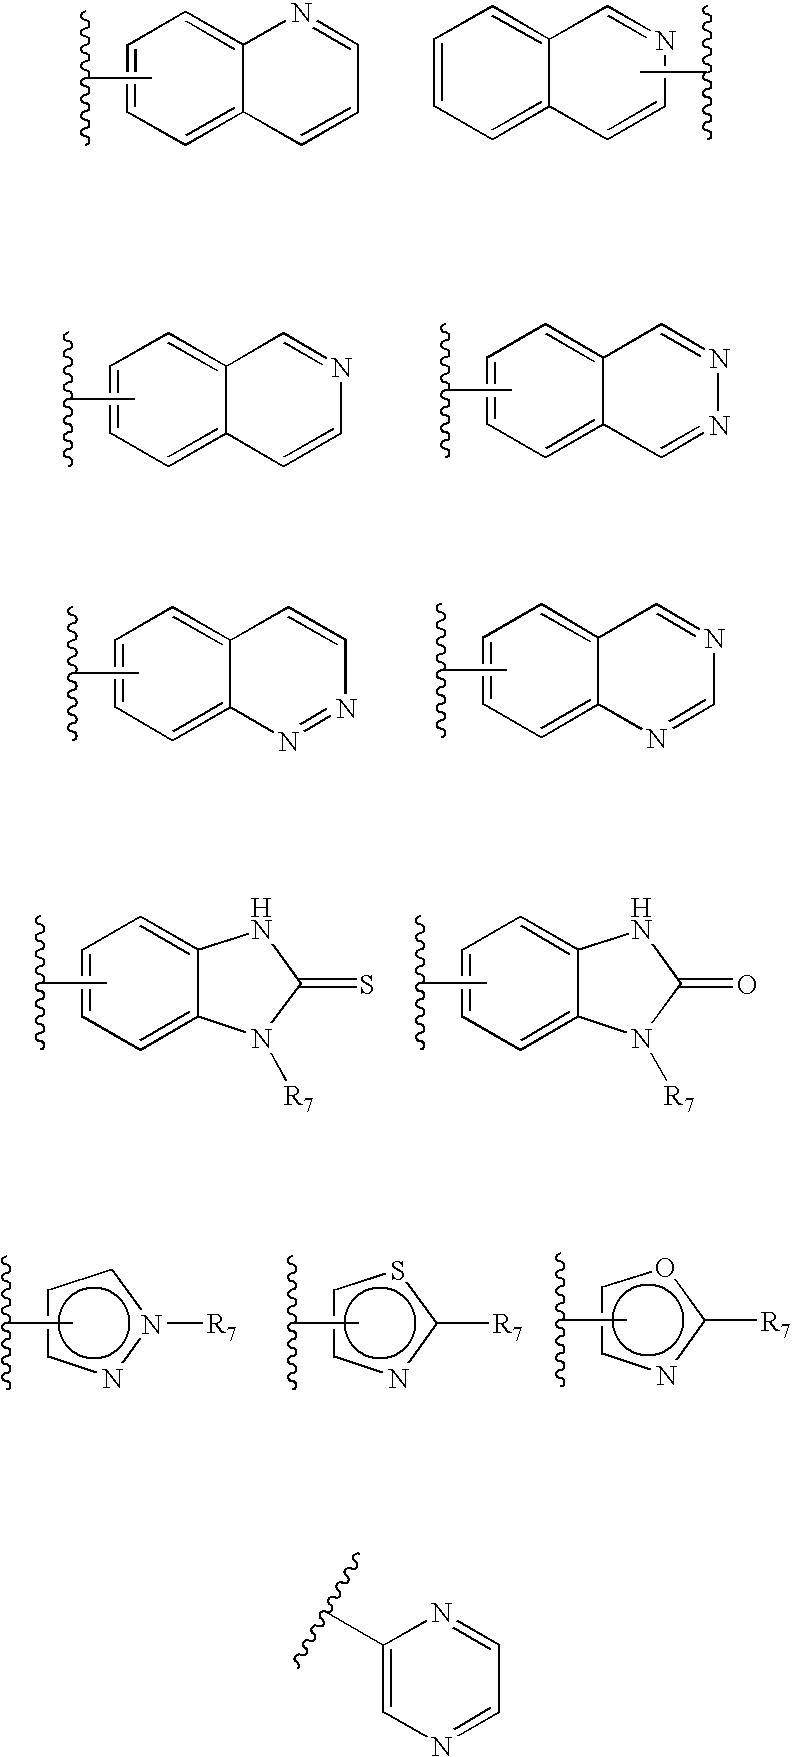 Figure US20060189617A1-20060824-C00007